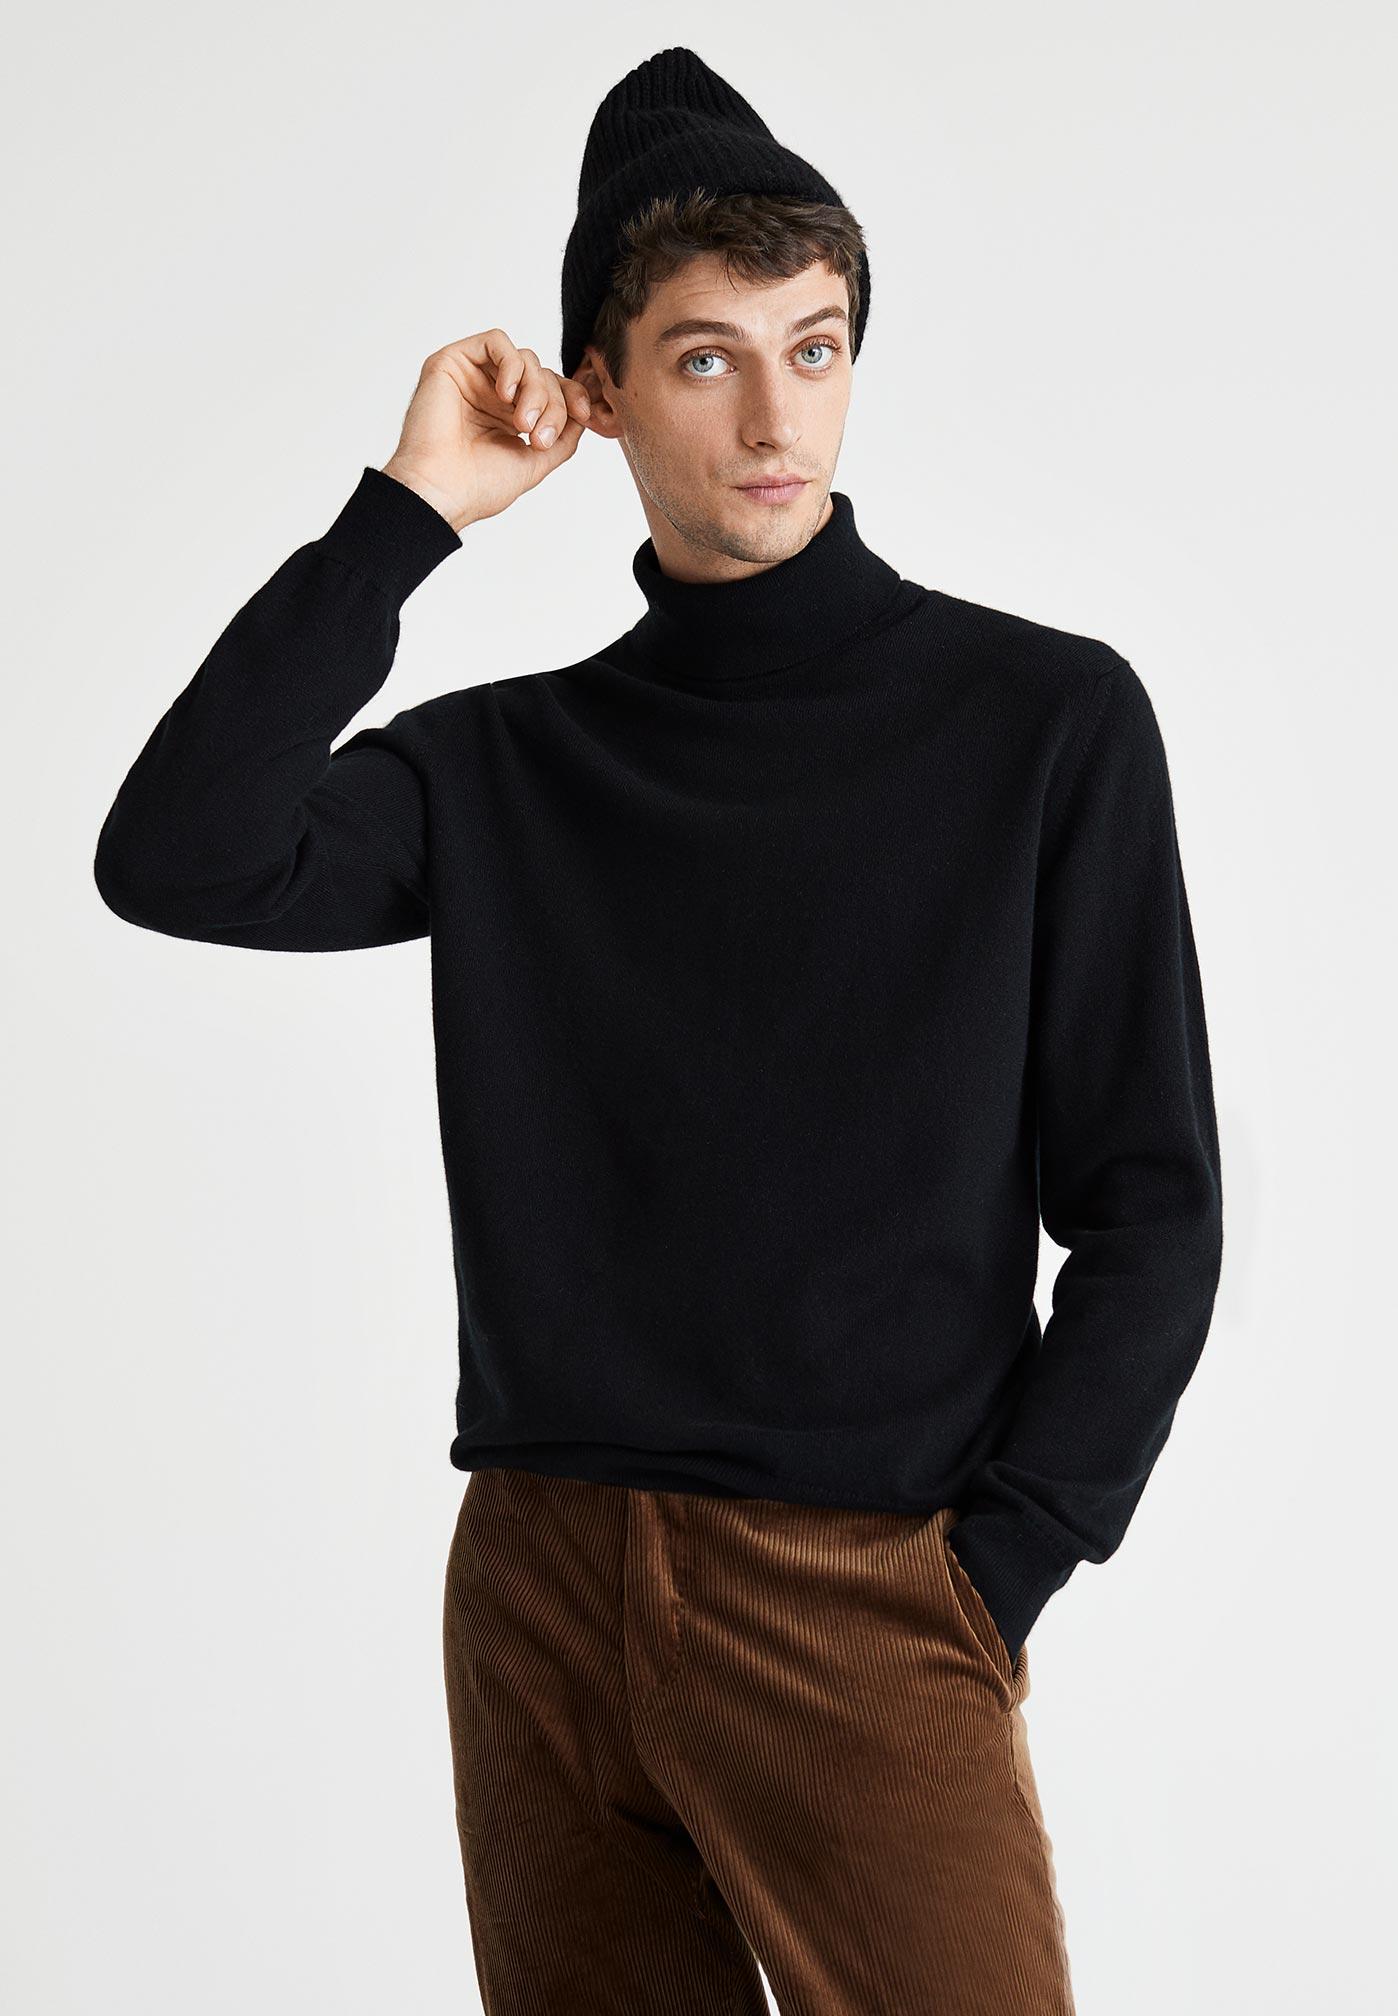 Homme portant des vêtements 100% cachemire